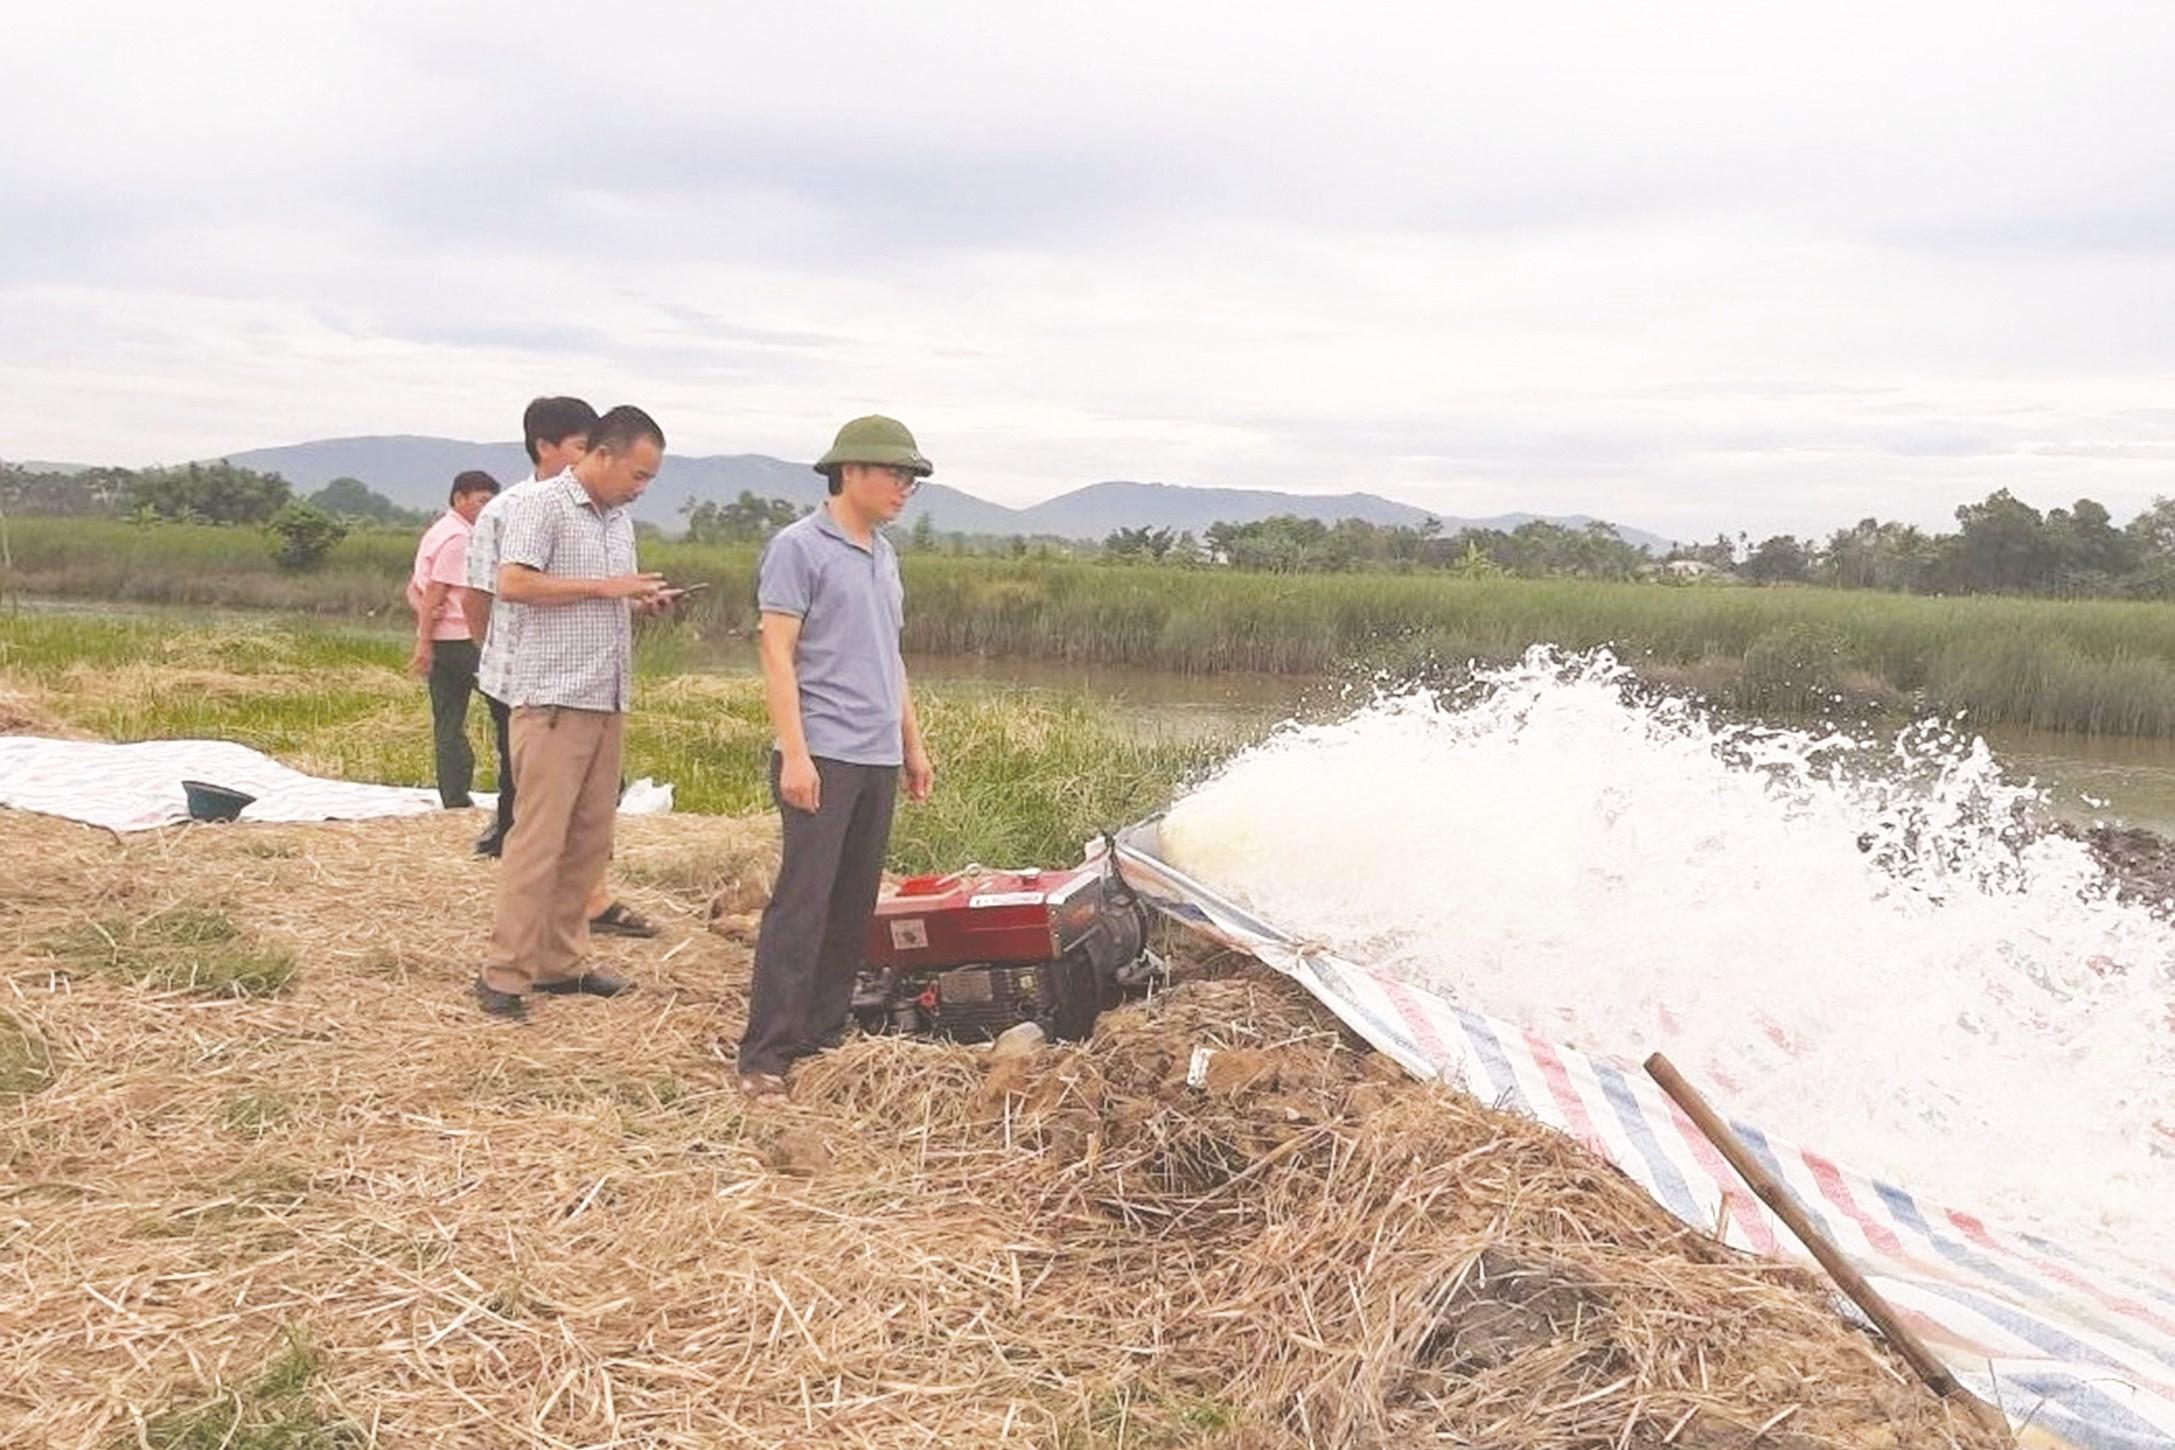 Trước mắt, các địa phương Bắc Trung Bộ cần tập trung cứu gần 26 nghìn ha lúa bị hạn